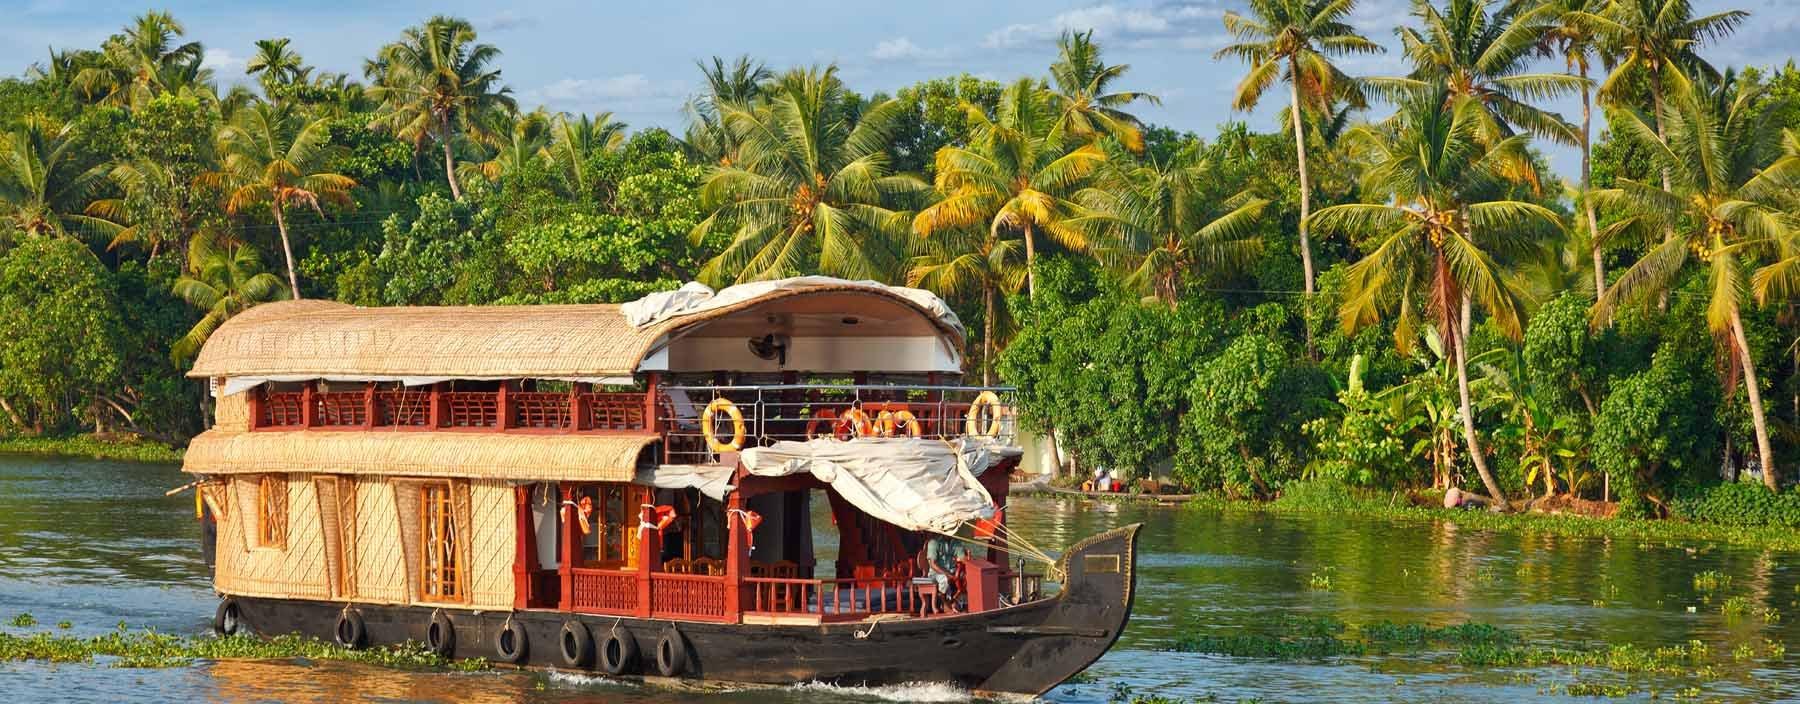 in, kerala, houseboat on kerala backwaters 2.jpg